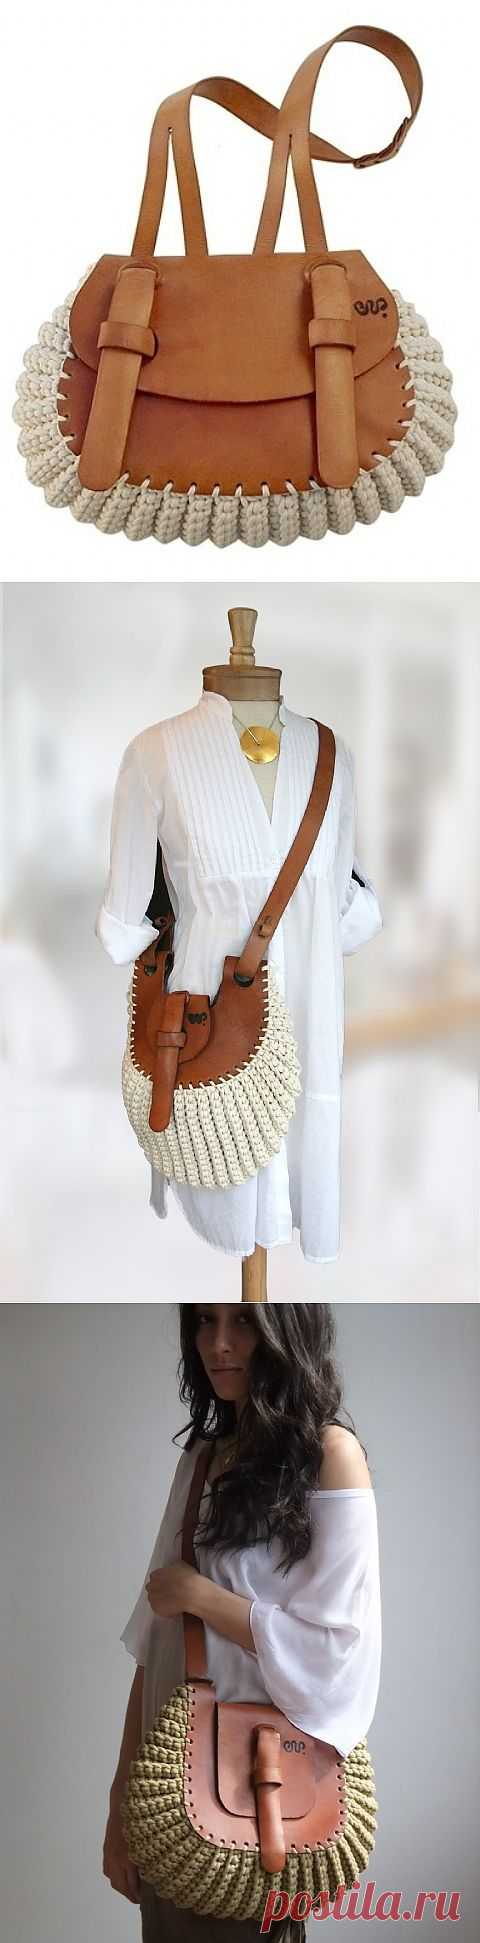 Кожа + хлопковый шнур (подборка) / Сумки, клатчи, чемоданы / Модный сайт о стильной переделке одежды и интерьера